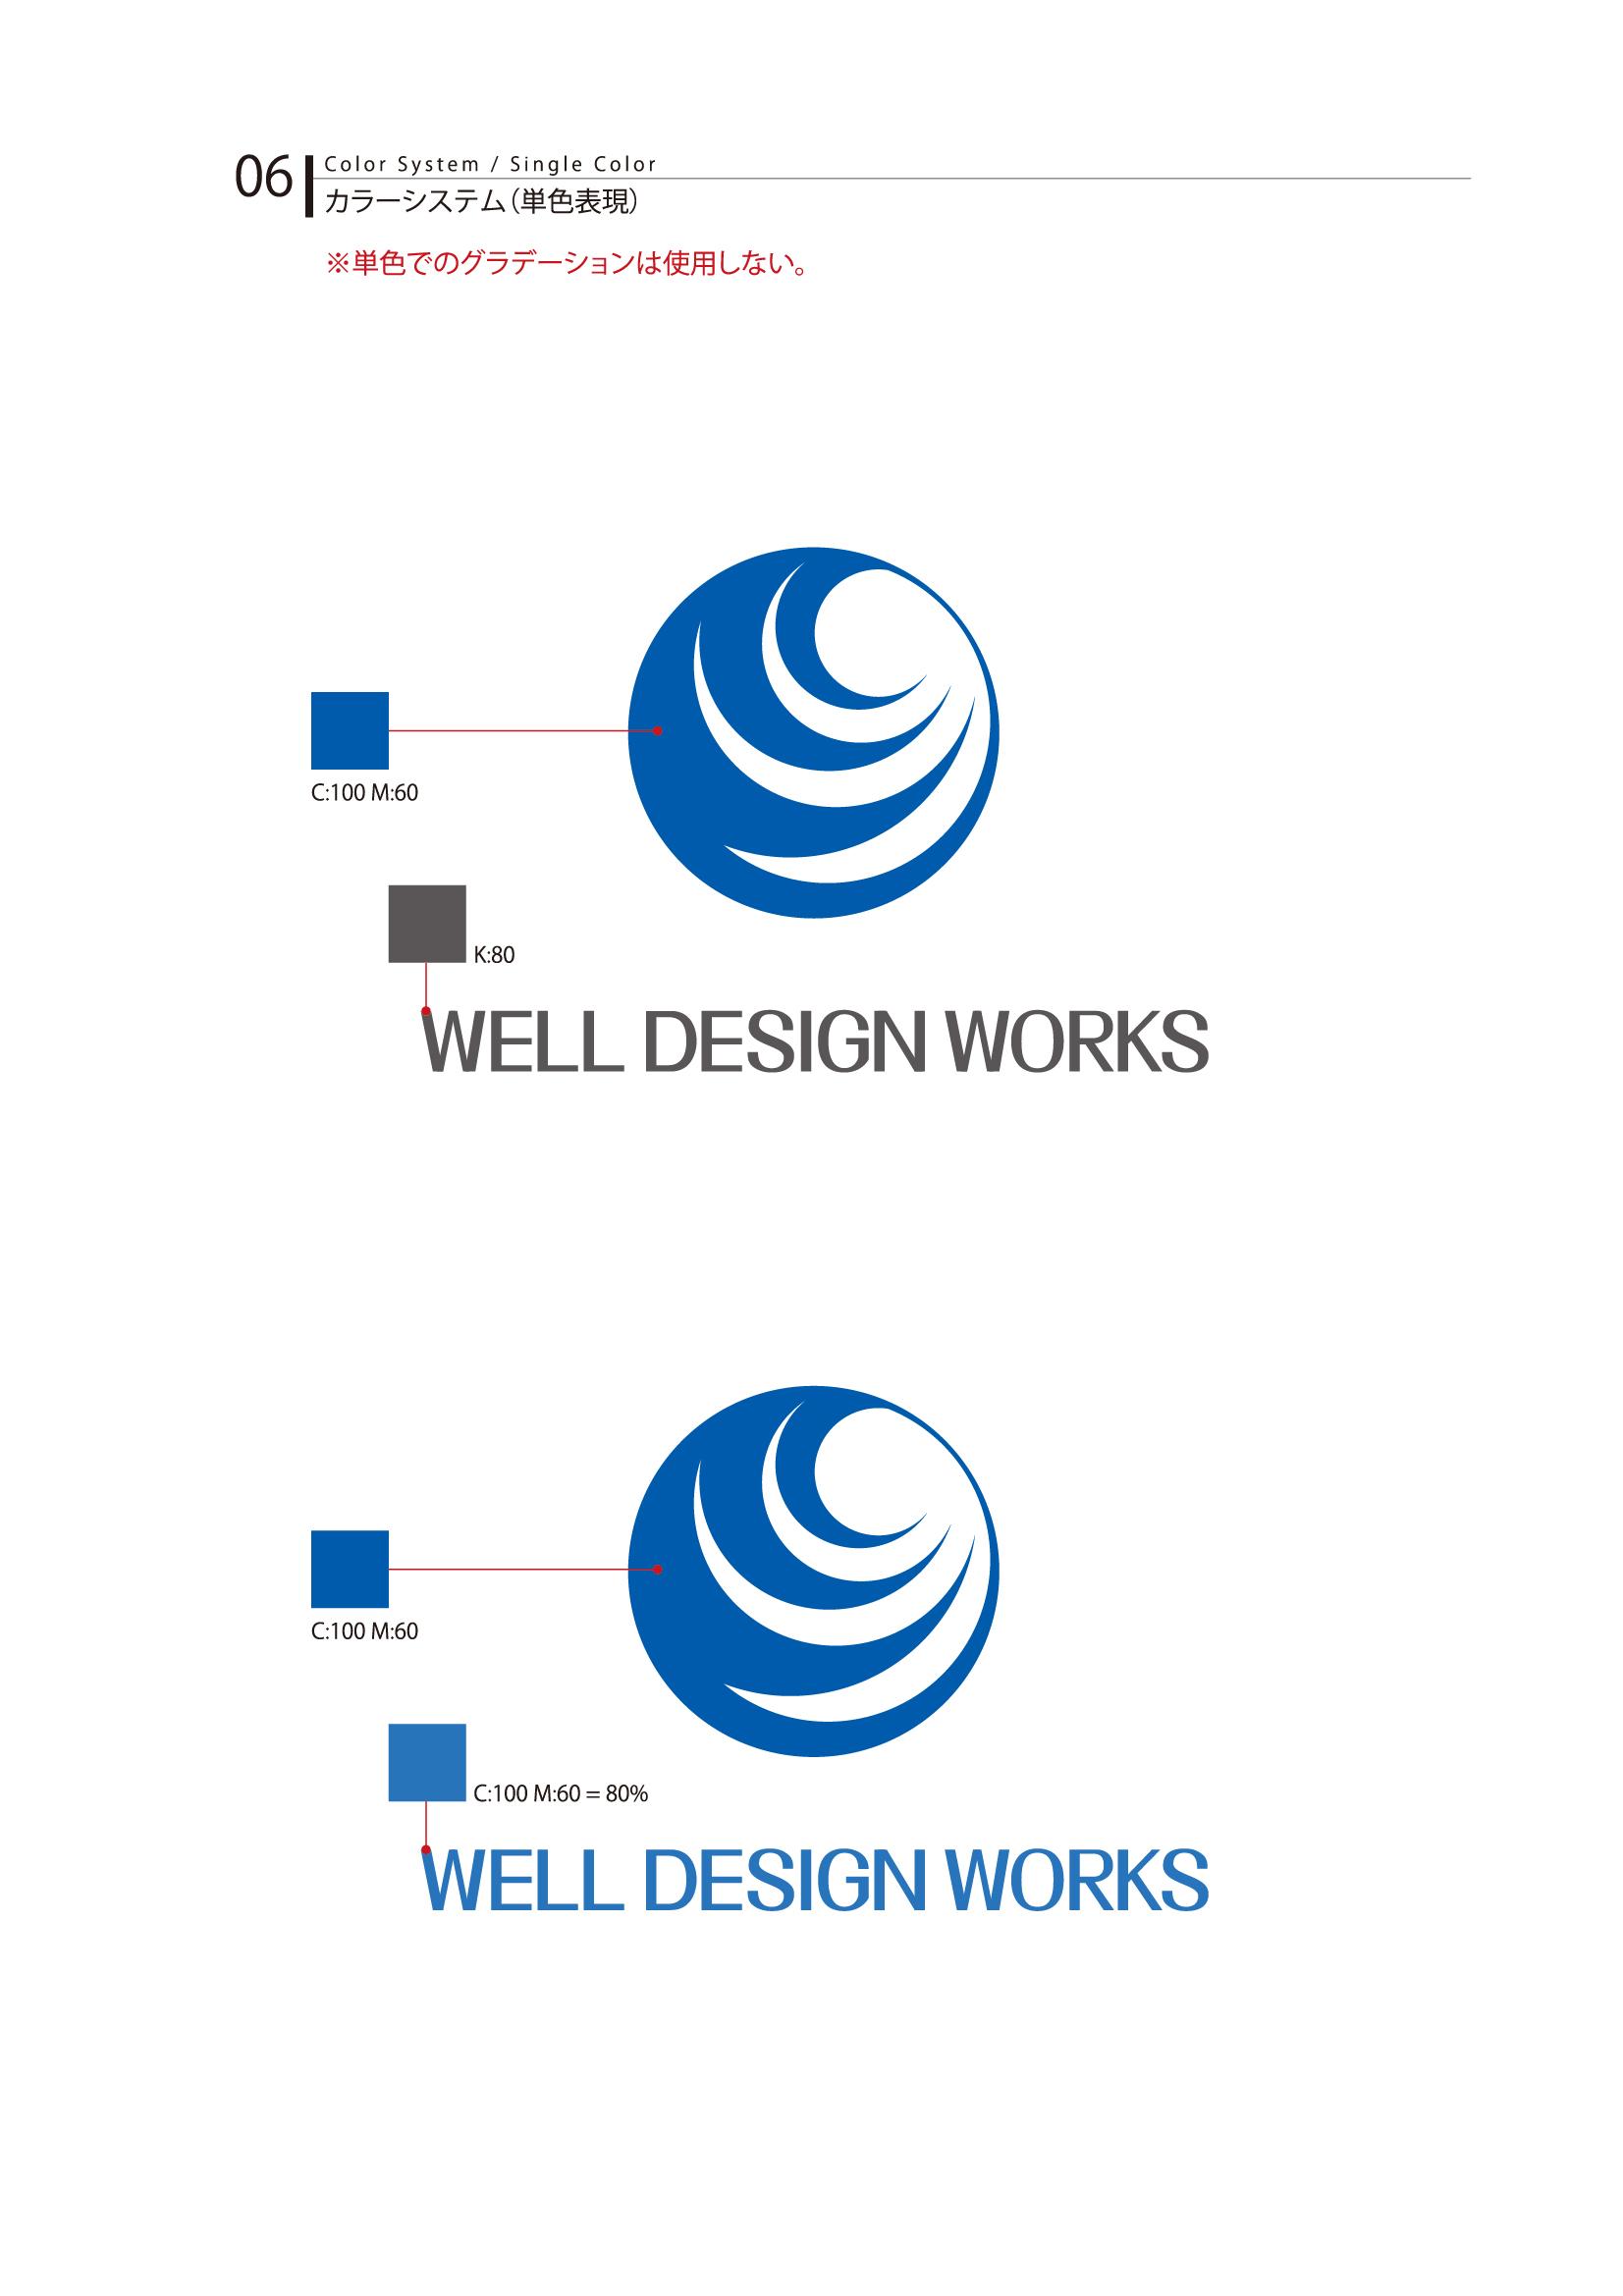 ロゴ 1色カラーシステム